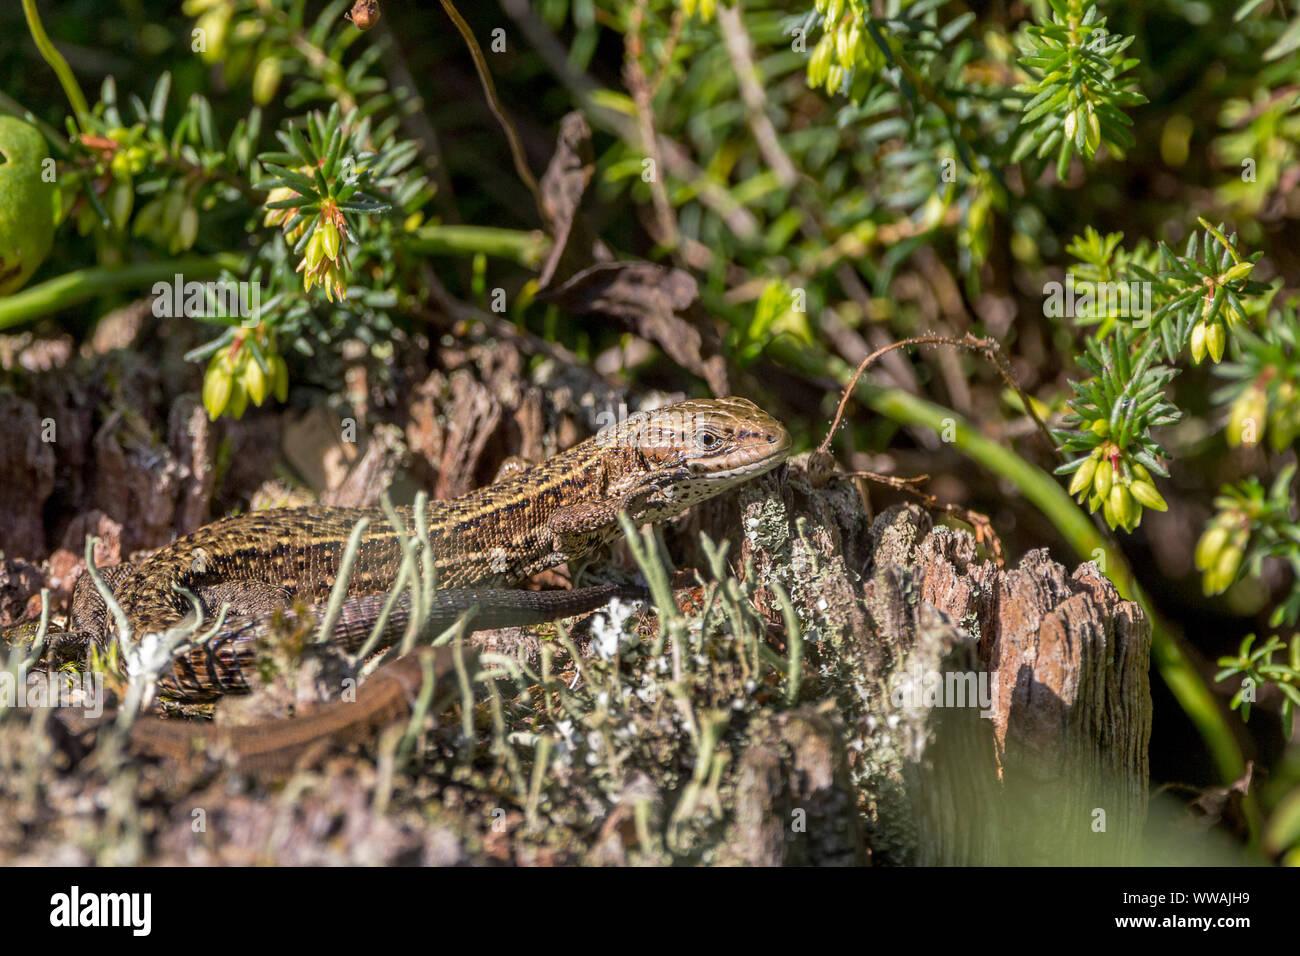 El lagarto común (Lacerta vivipara) largo y estrecho cuerpo y cola muy larga. Amarillo pardusco cubierto de escamas pequeñas con garganta blanca y patas cortas Foto de stock